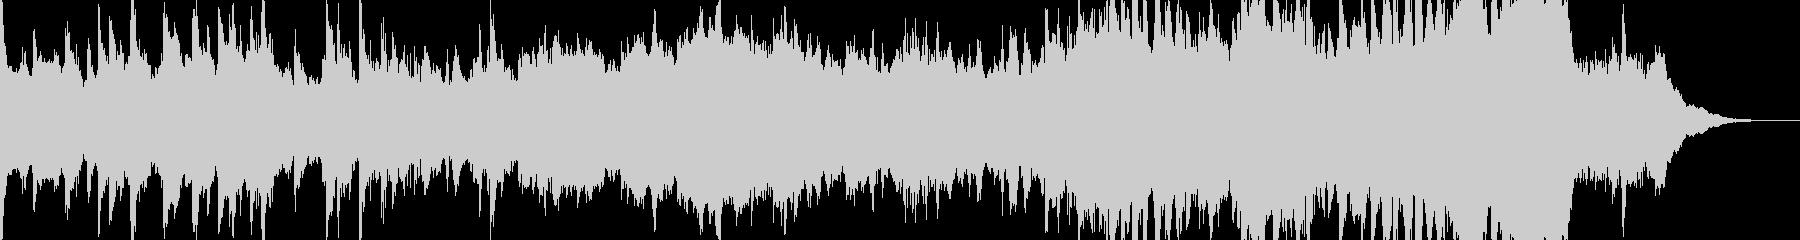 壮大で優雅なクラシカル風BGMの未再生の波形